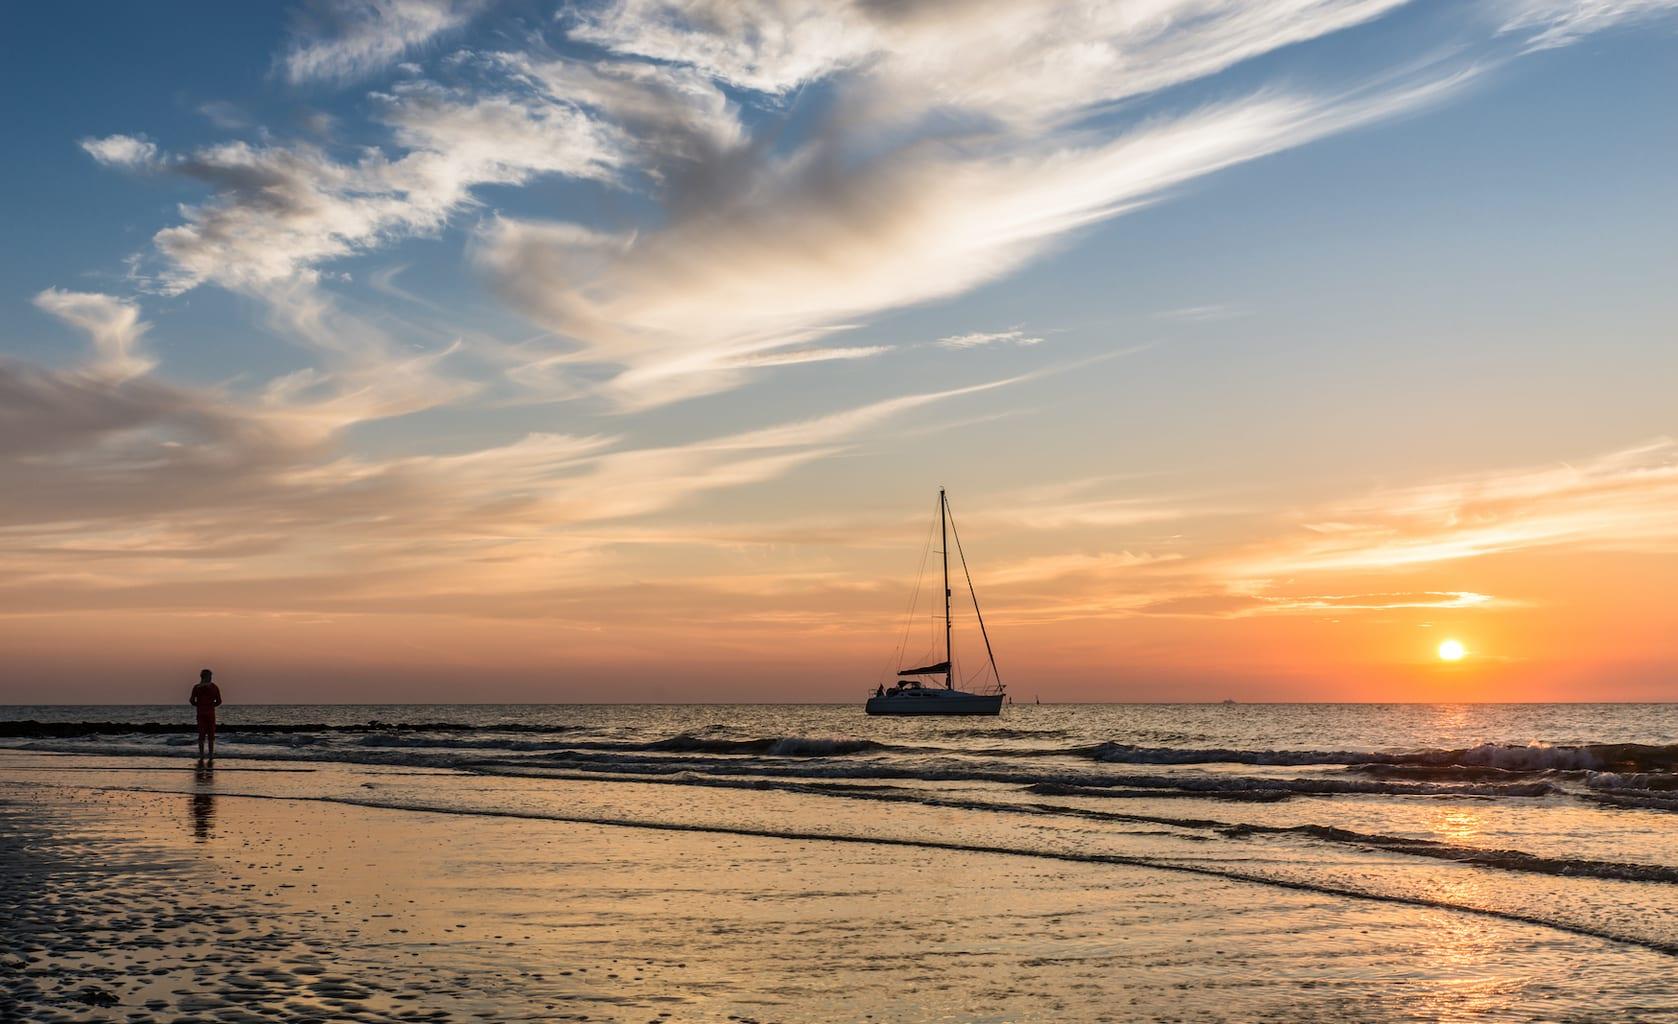 Een zeilboot voor de kust van het Duitse eiland Norderney